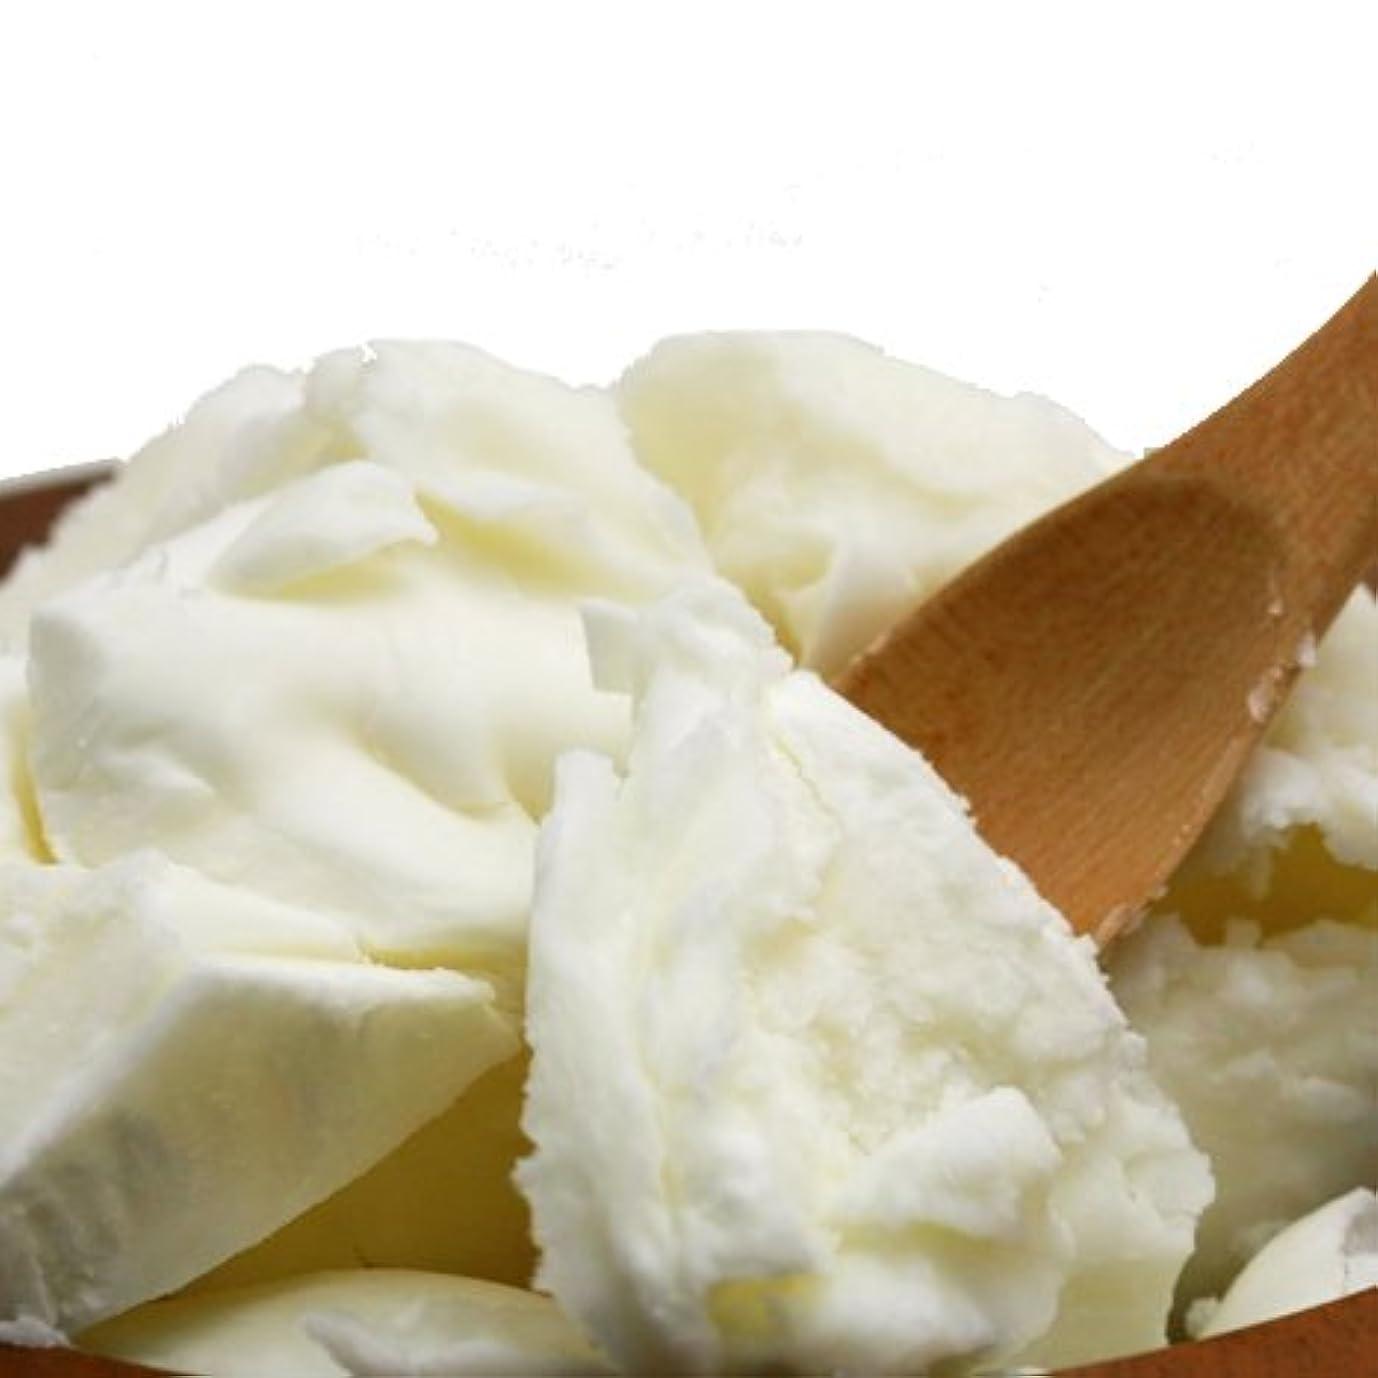 療法混乱させるピカリングオーガニック 精製シアバター 50g シア脂 【手作り石鹸/手作りコスメ/手作り化粧品】